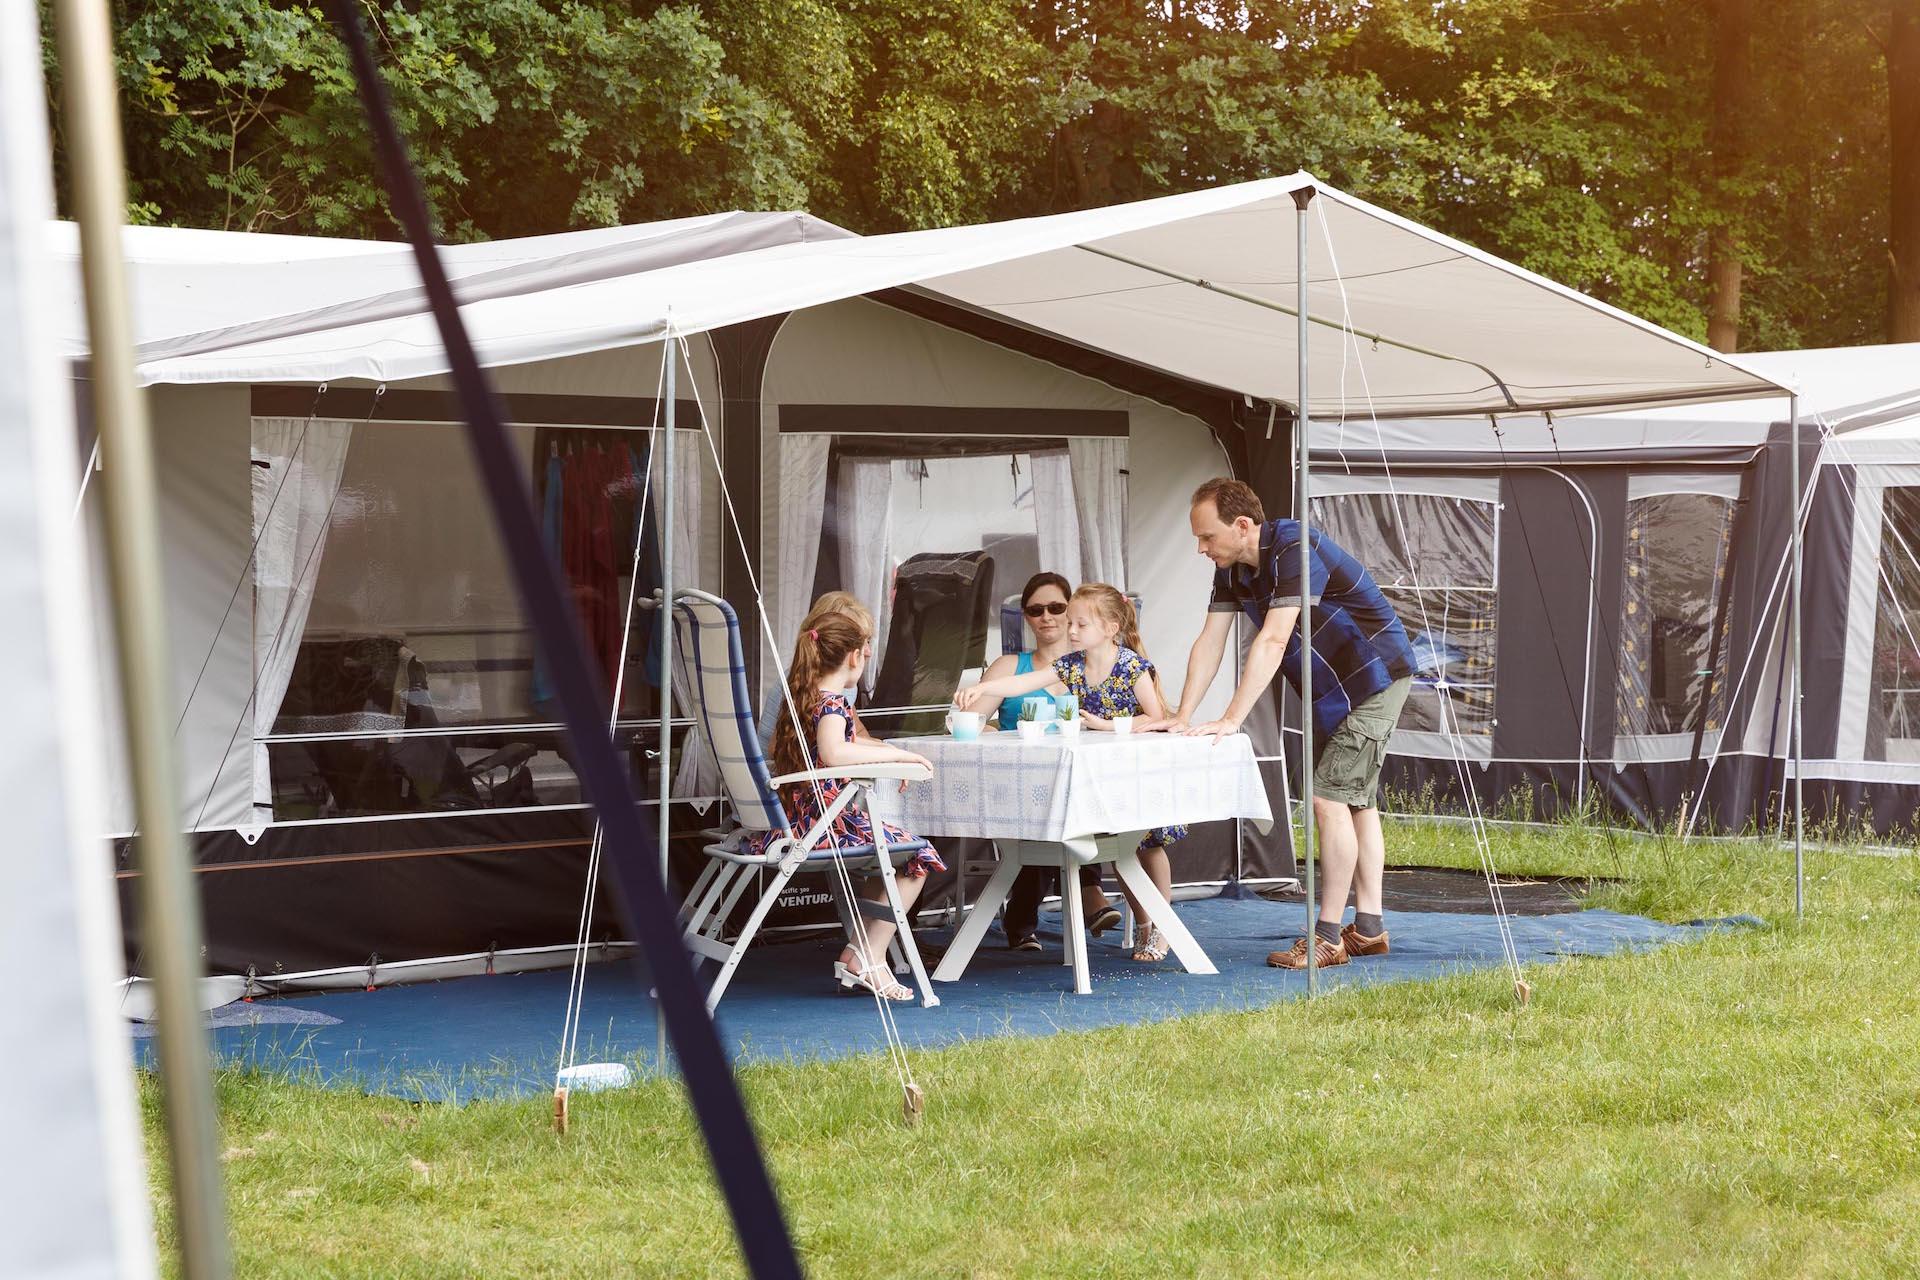 Korting Beekse Bergen Comfort kampeerplaats